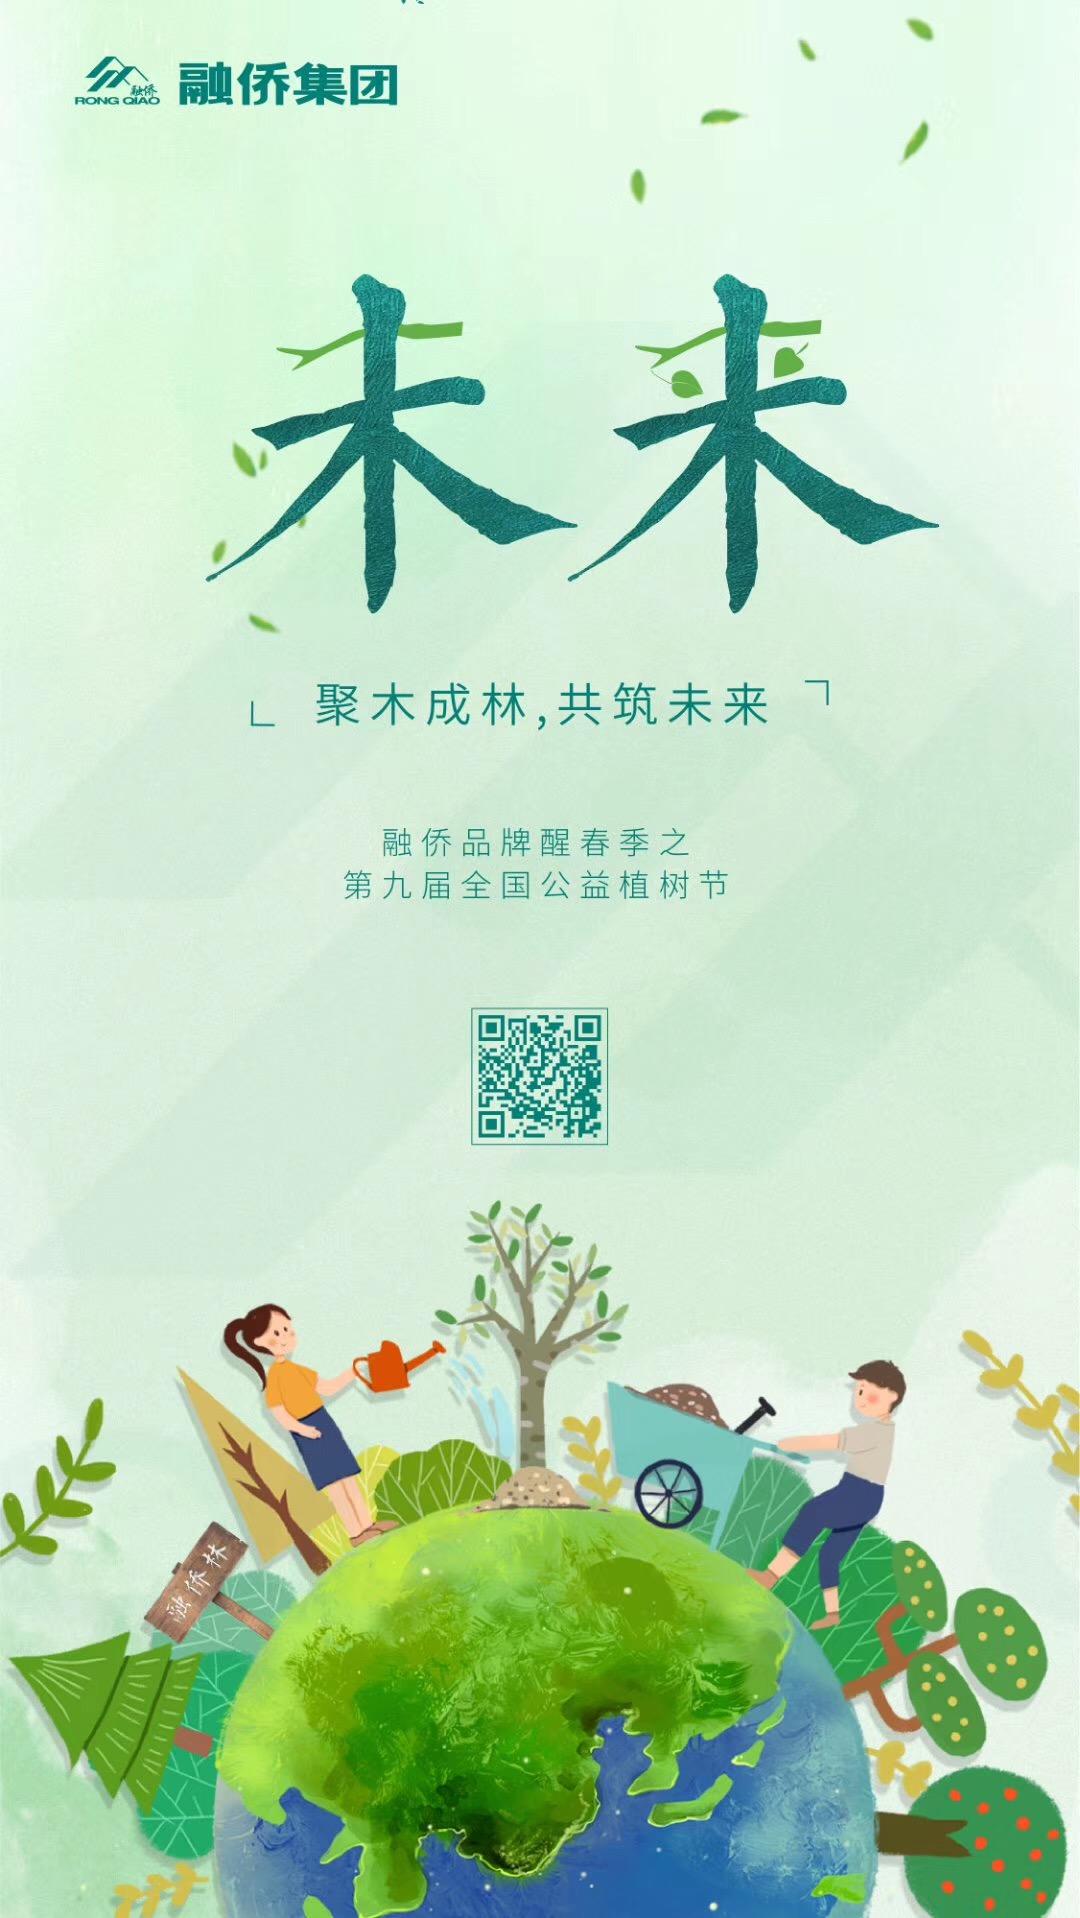 独家 播种希望 中国品牌房企 植树节 官宣海报大赏